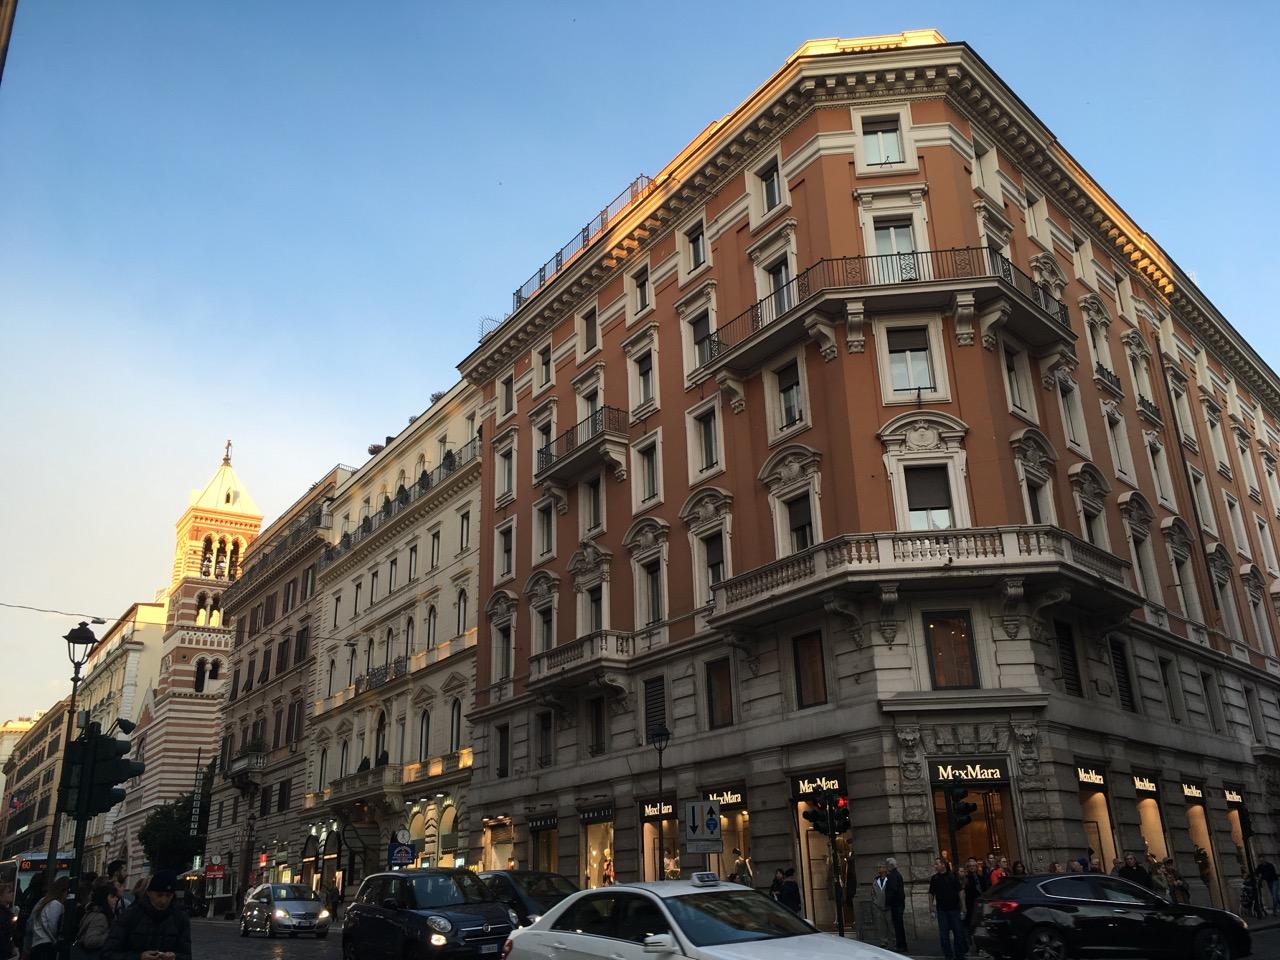 罗马的街道,感觉很棒